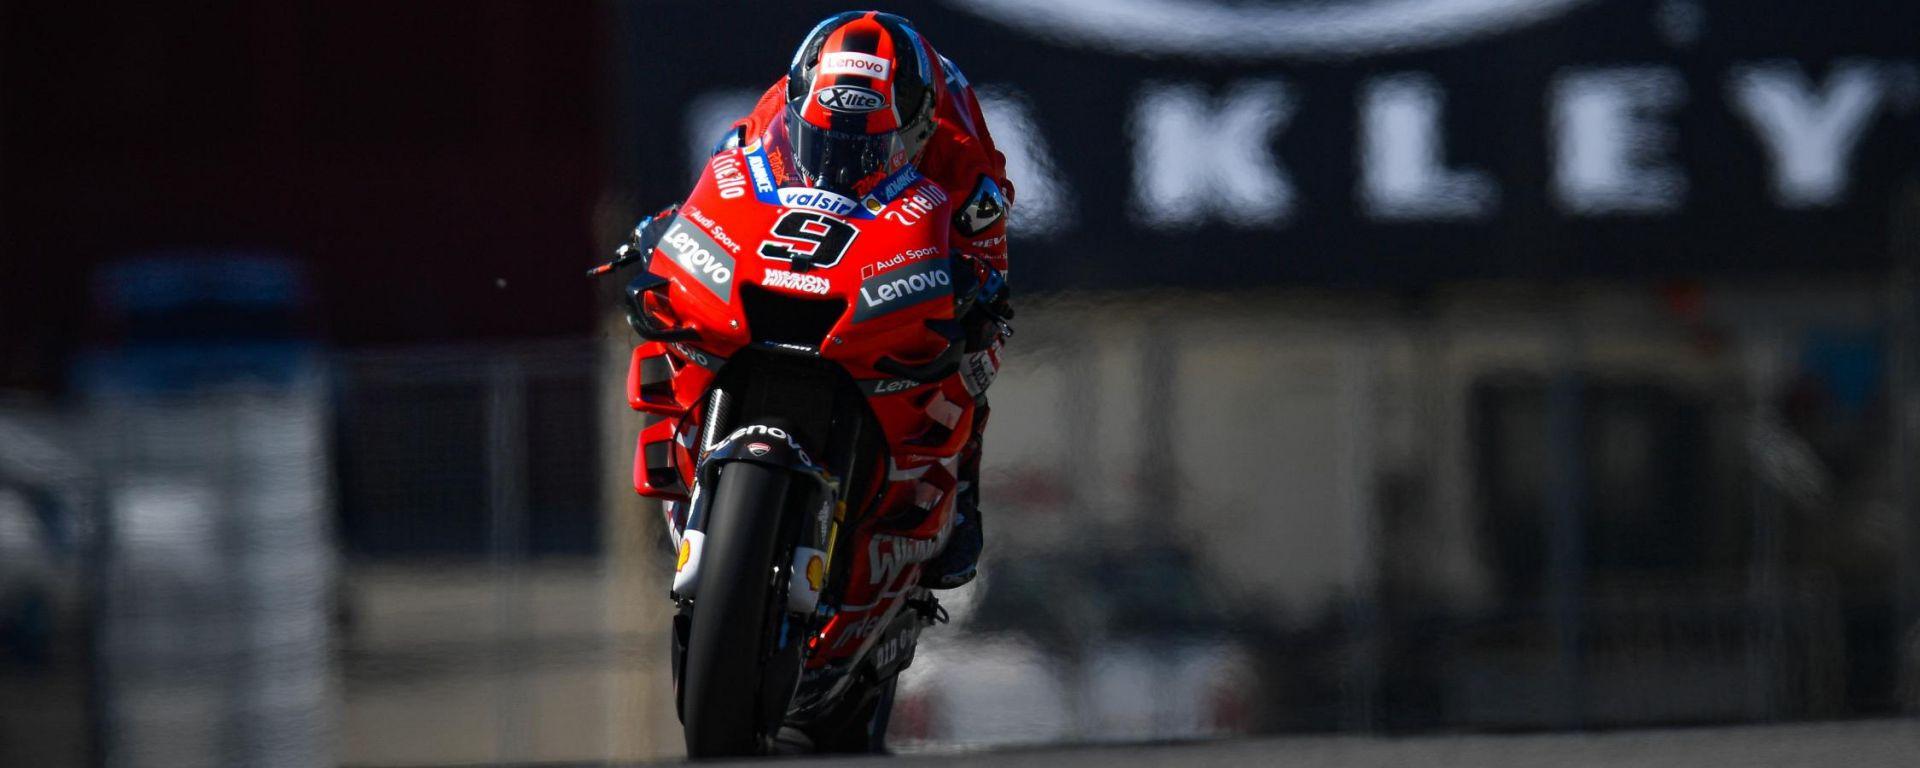 GP Italia 2019, Mugello: Danilo Petrucci (Ducati)